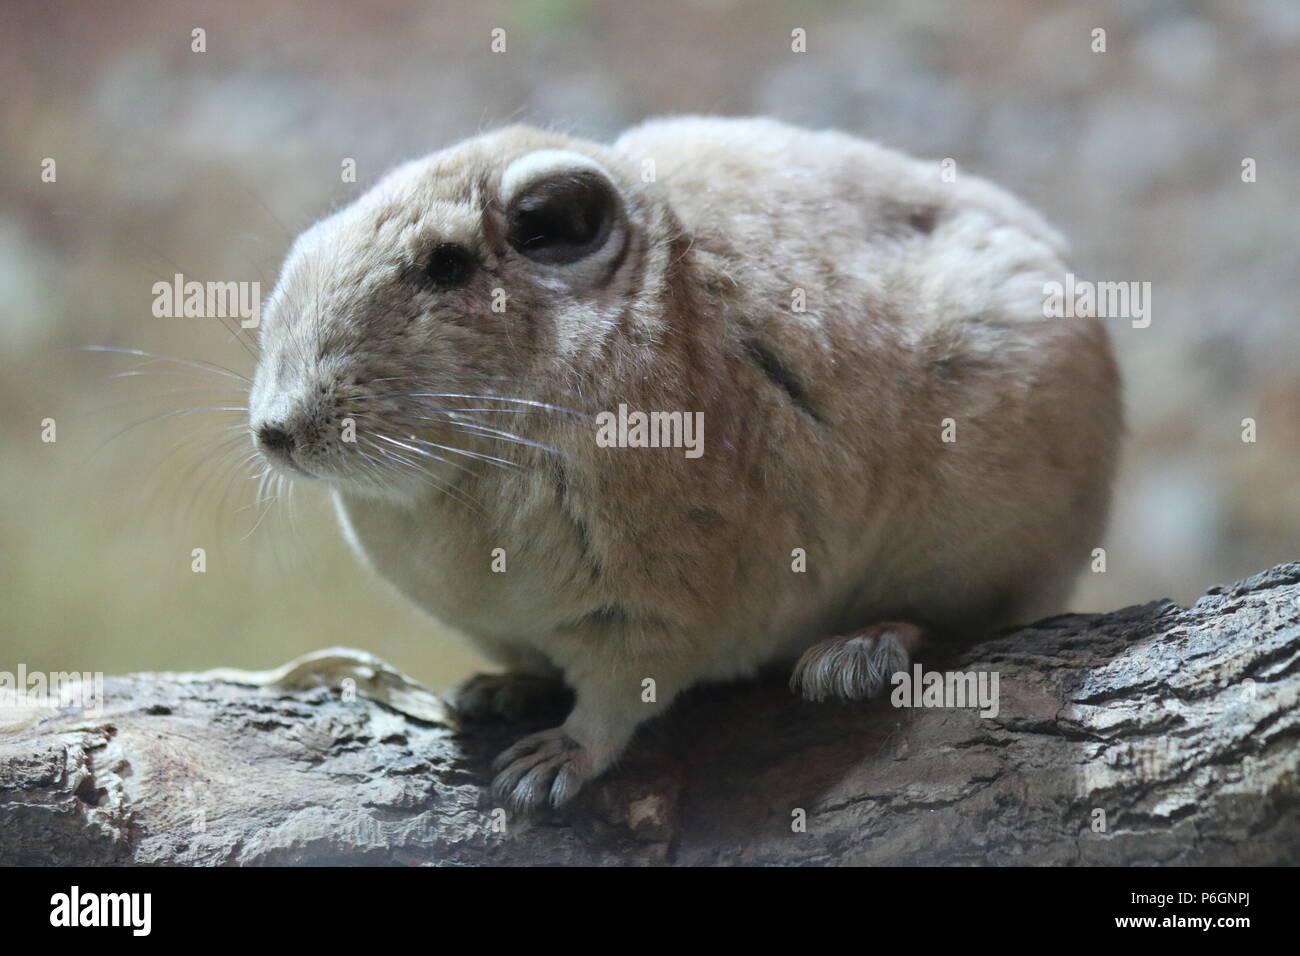 Common gundi - Ctenodactylus gundi - Stock Image